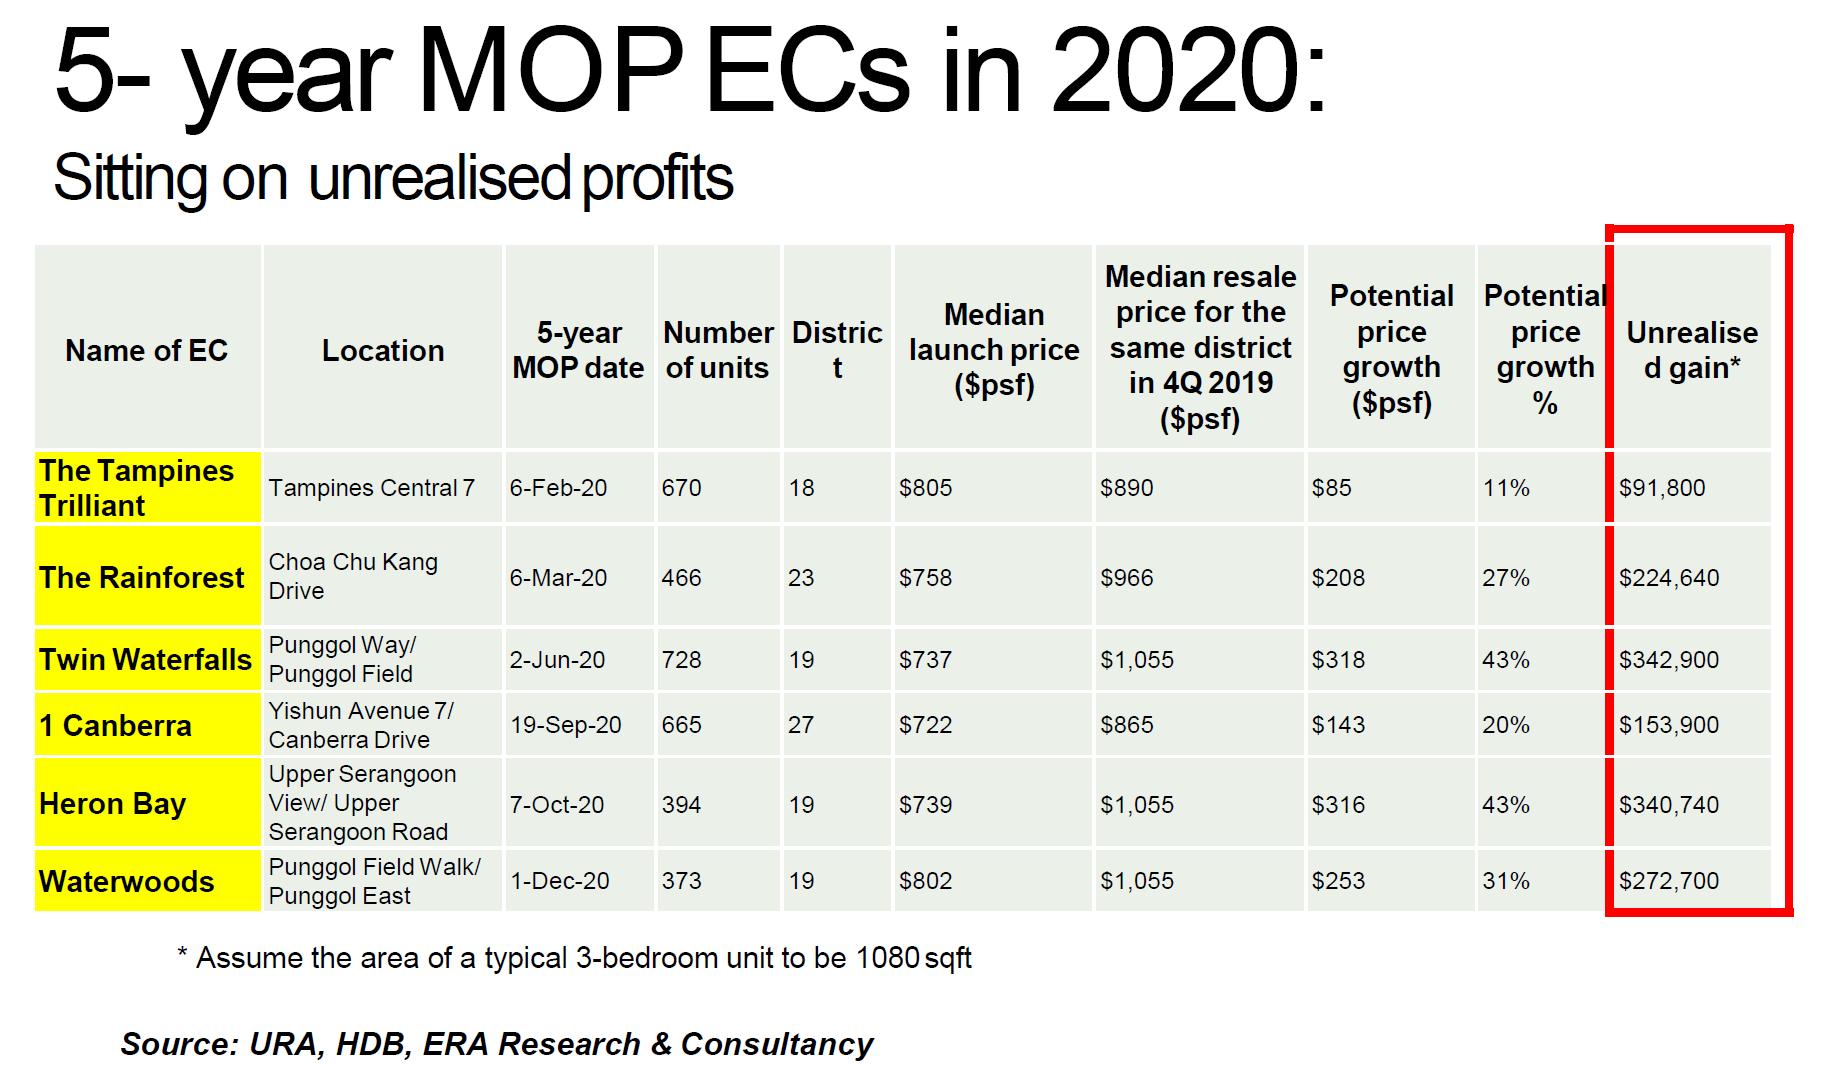 EC MOP in 2020